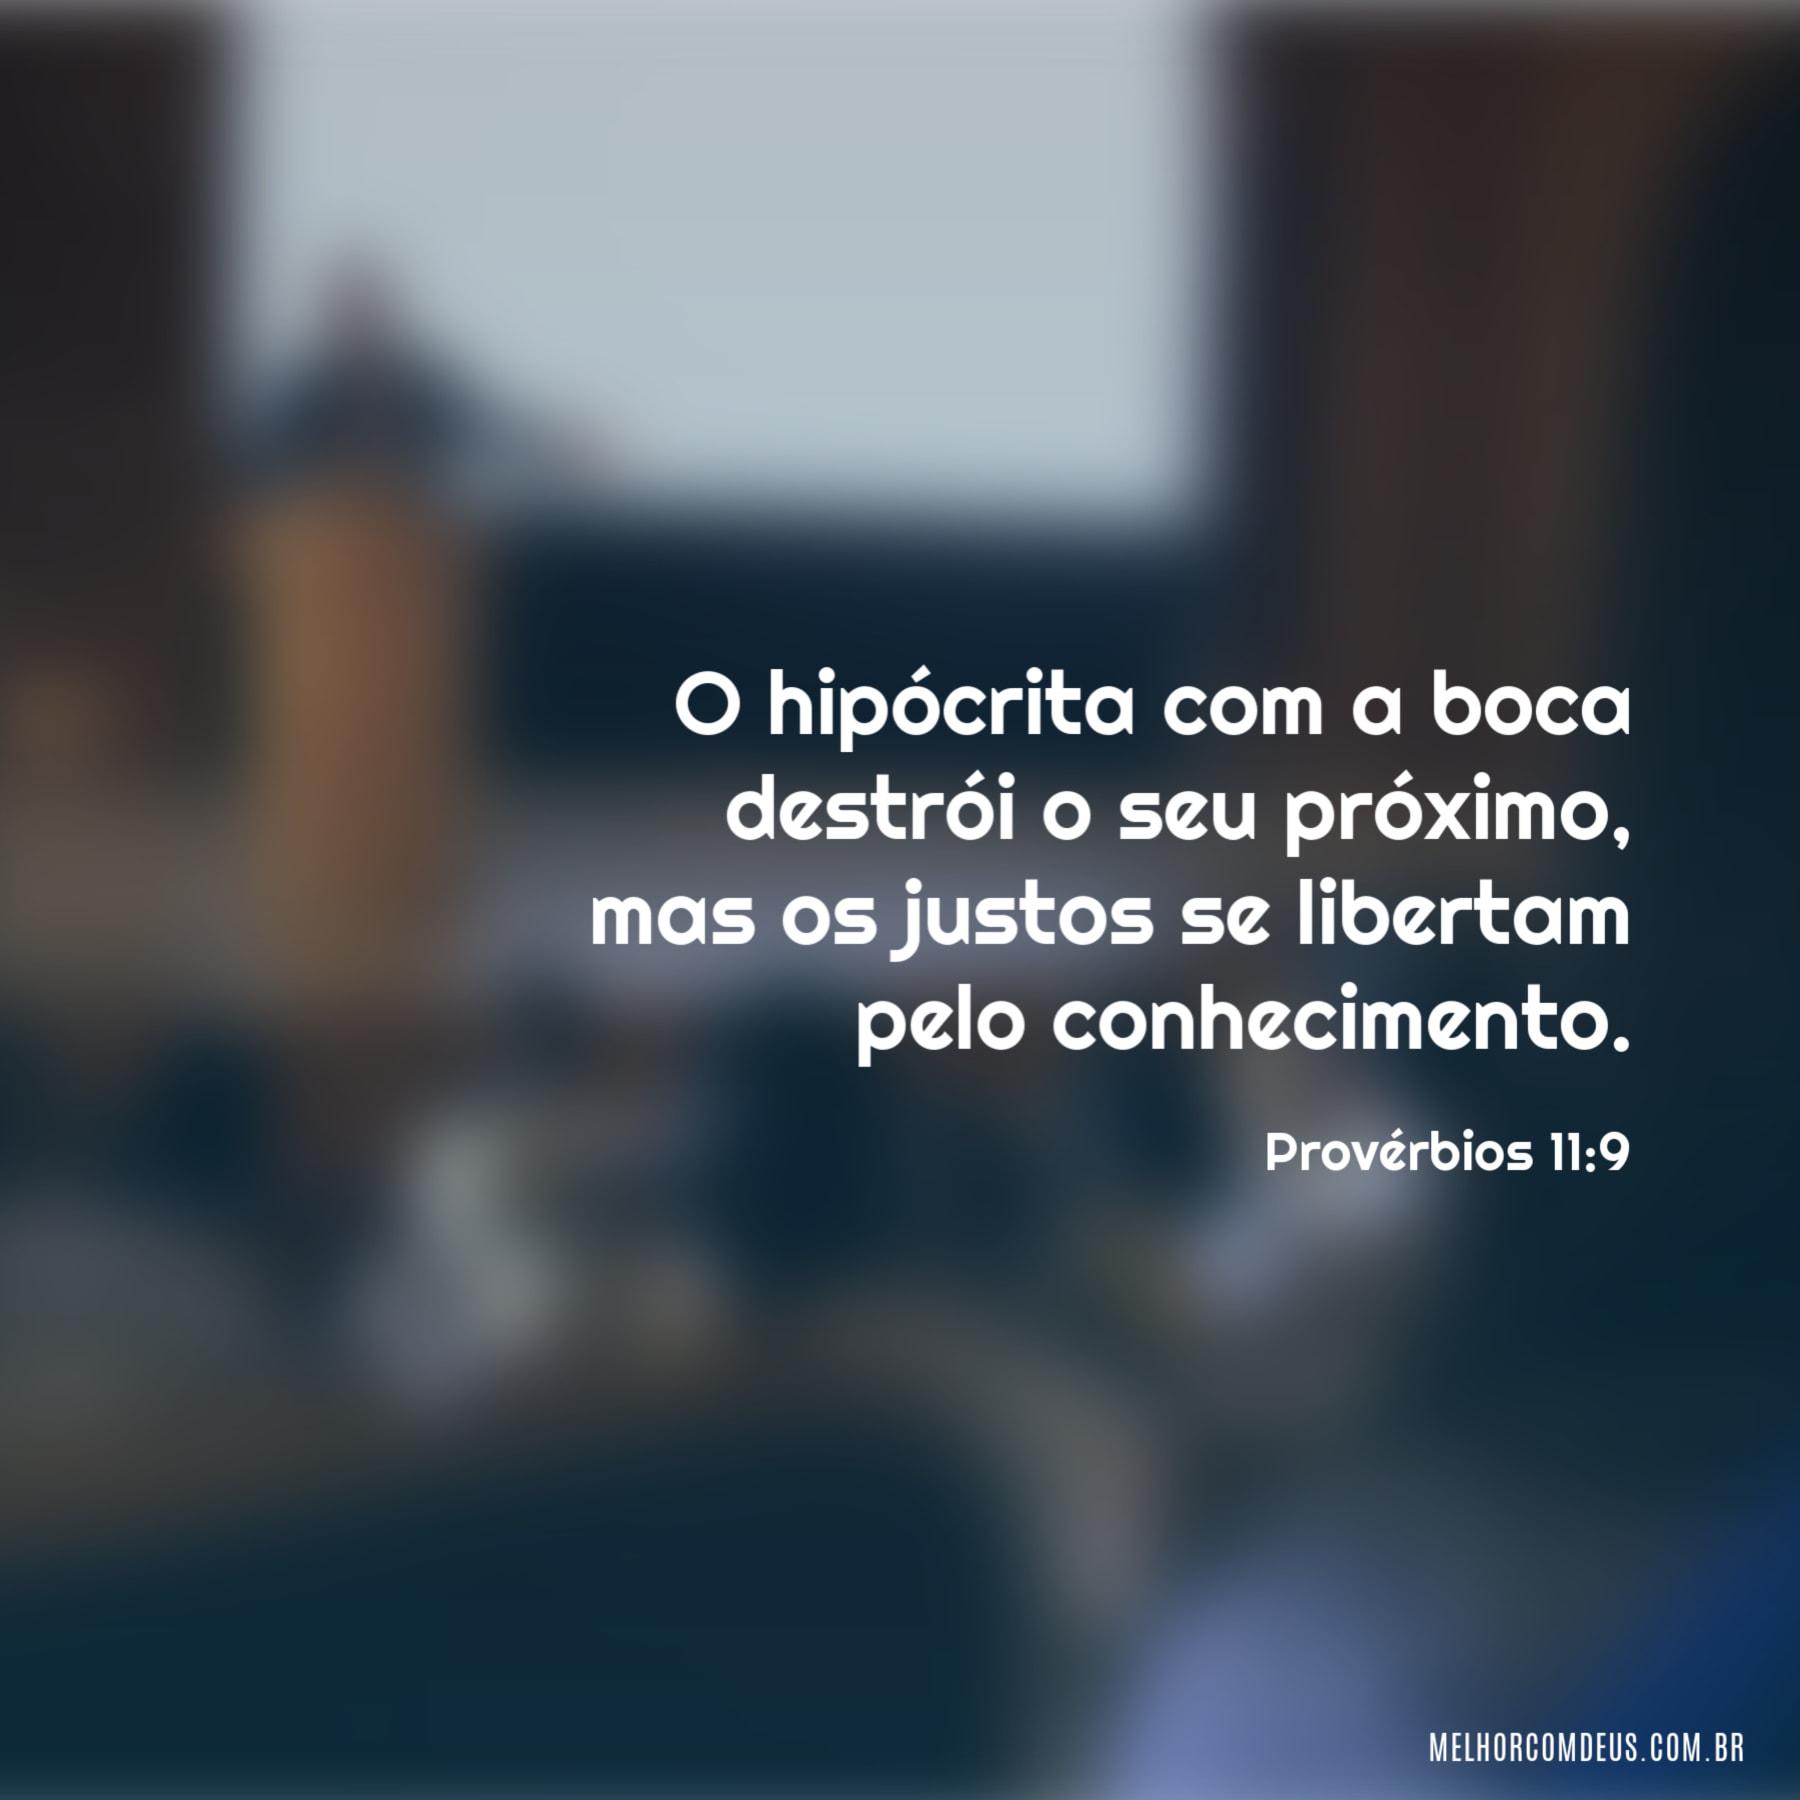 Provérbios 11:9